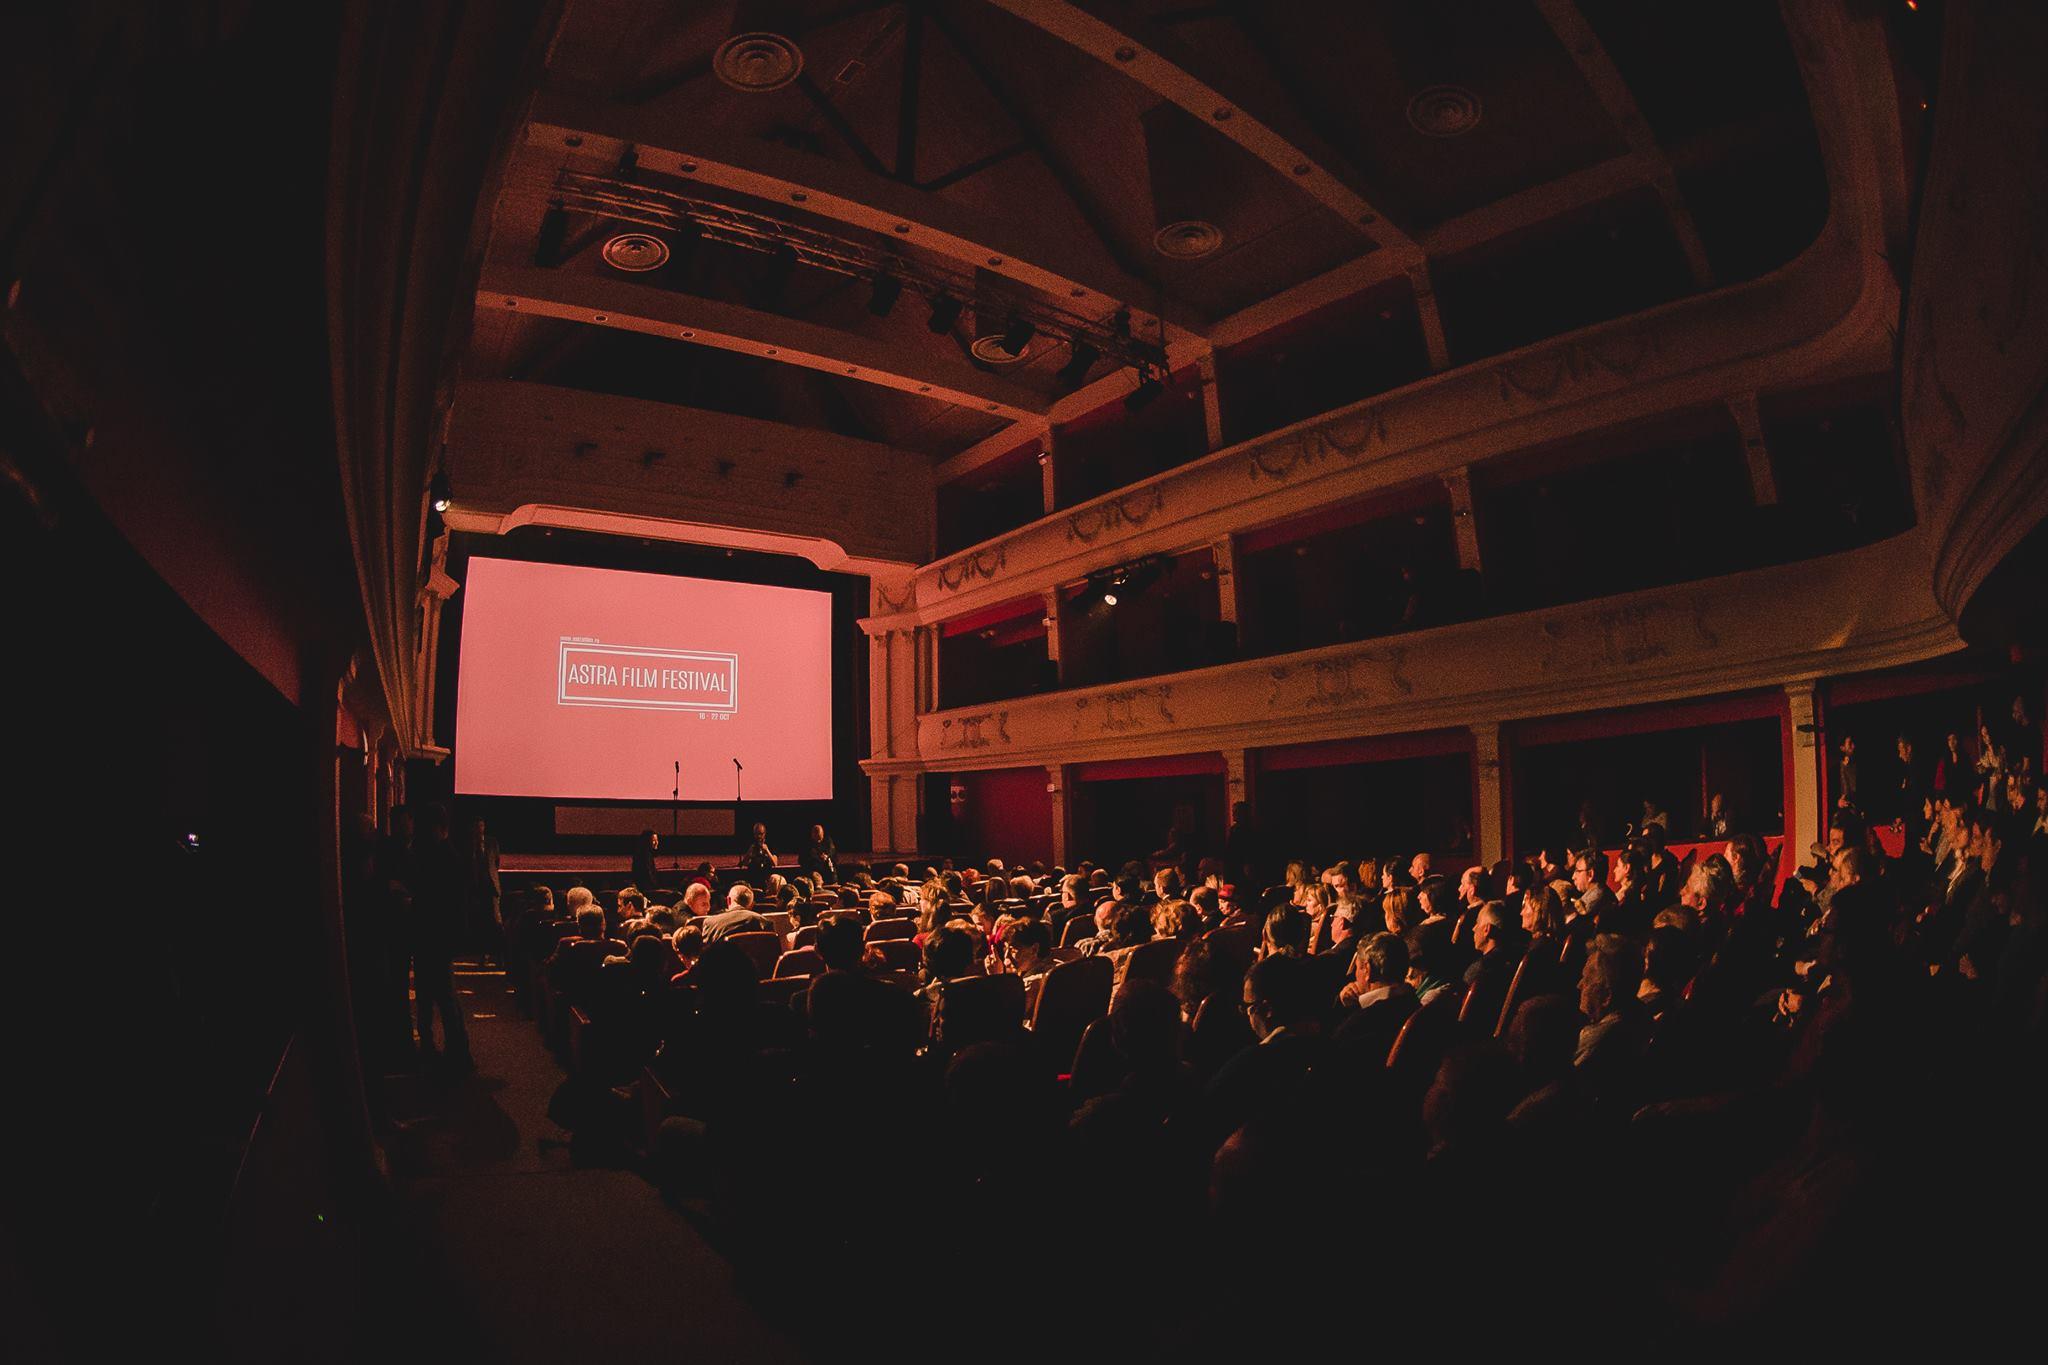 Cele mai apreciate documentare de la Astra Film, in acest weekend, la Cinema Victoria din Cluj!